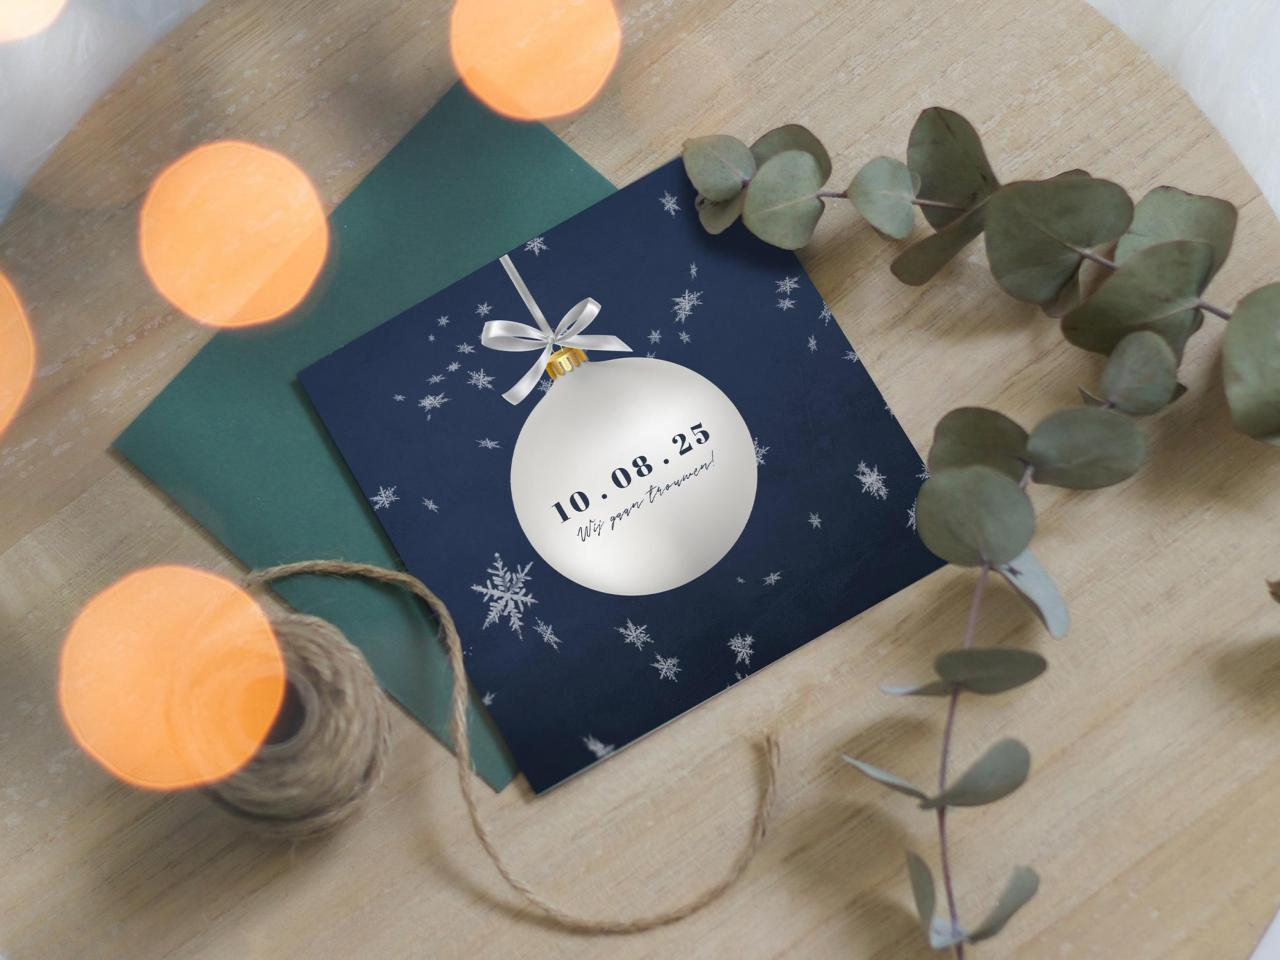 Kerstkaart met save the date in kerstbal trouwkaart Stijlvol Save the Date Romantisch Luxe